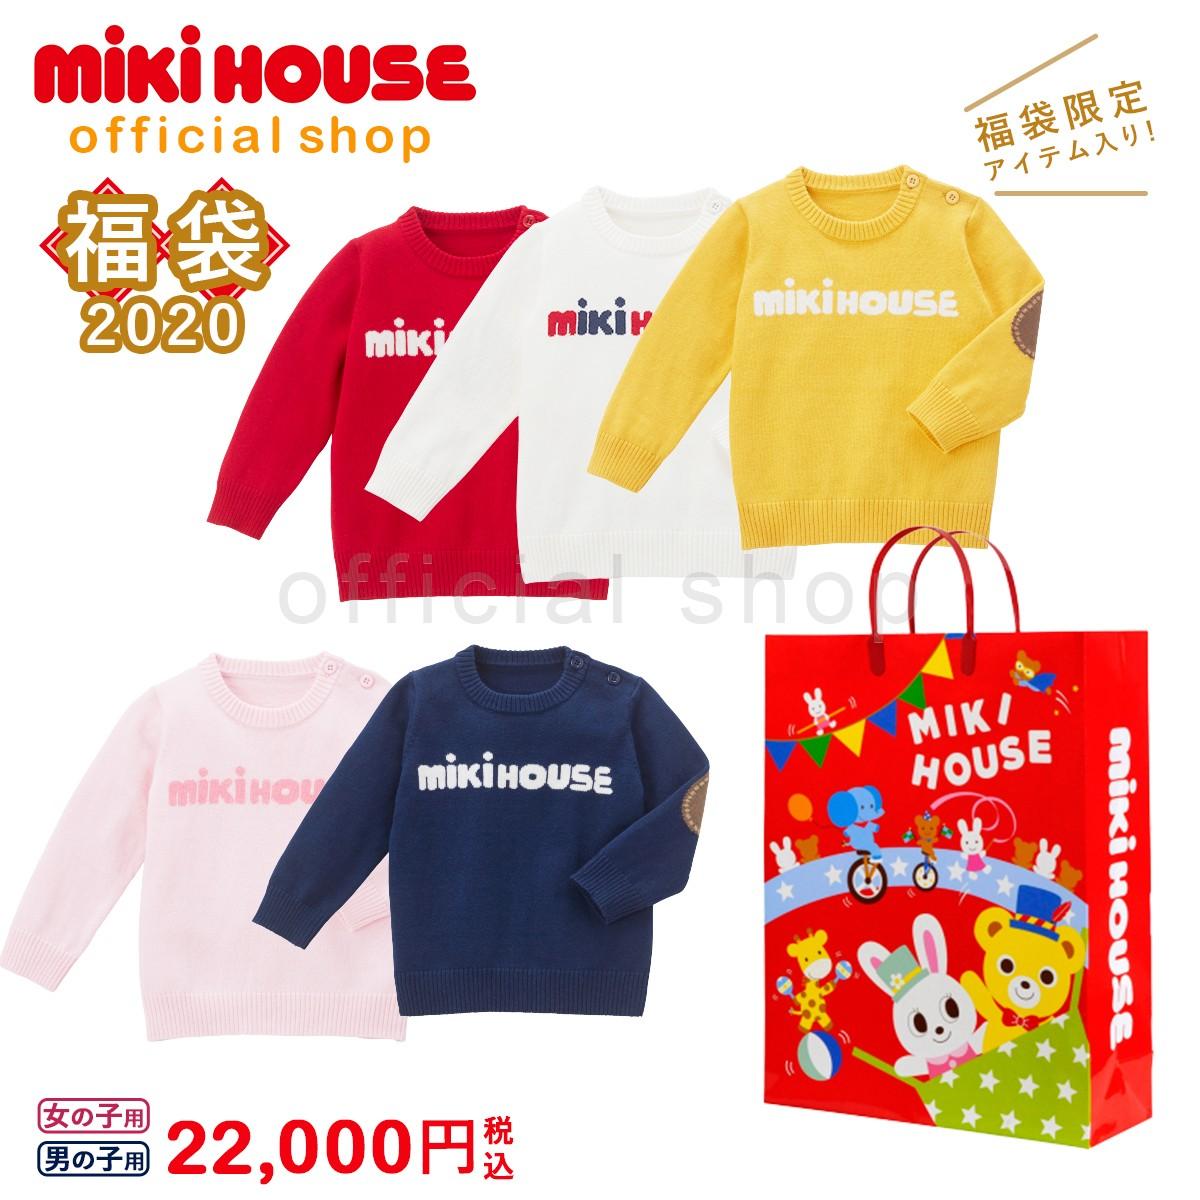 ミキハウス 2万円福袋